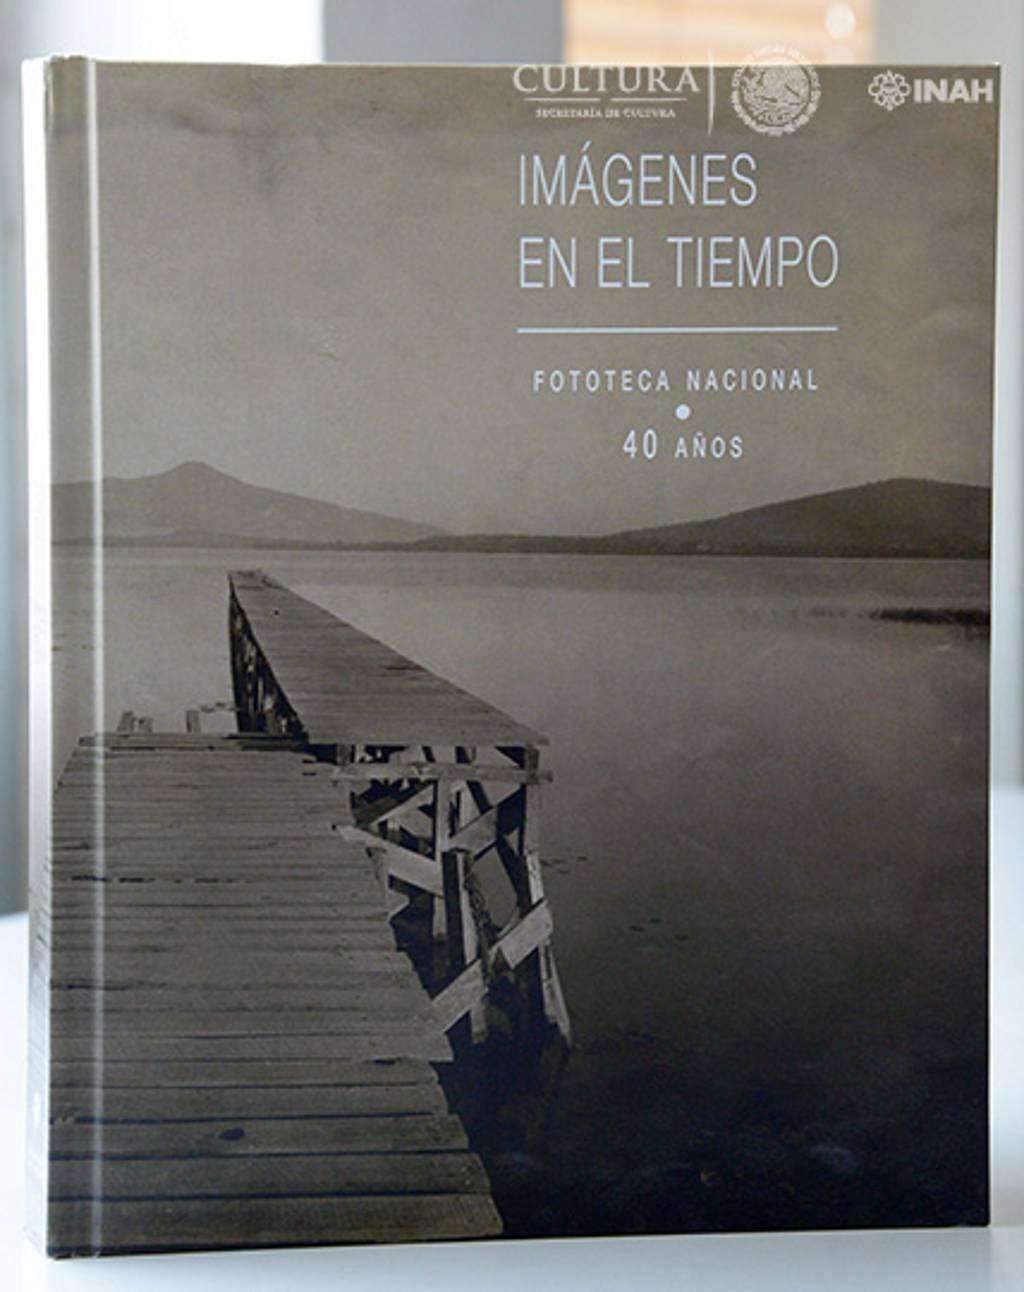 Con publicación, INAH celebra 40 años de la Fototeca Nacional : Foto © INAH